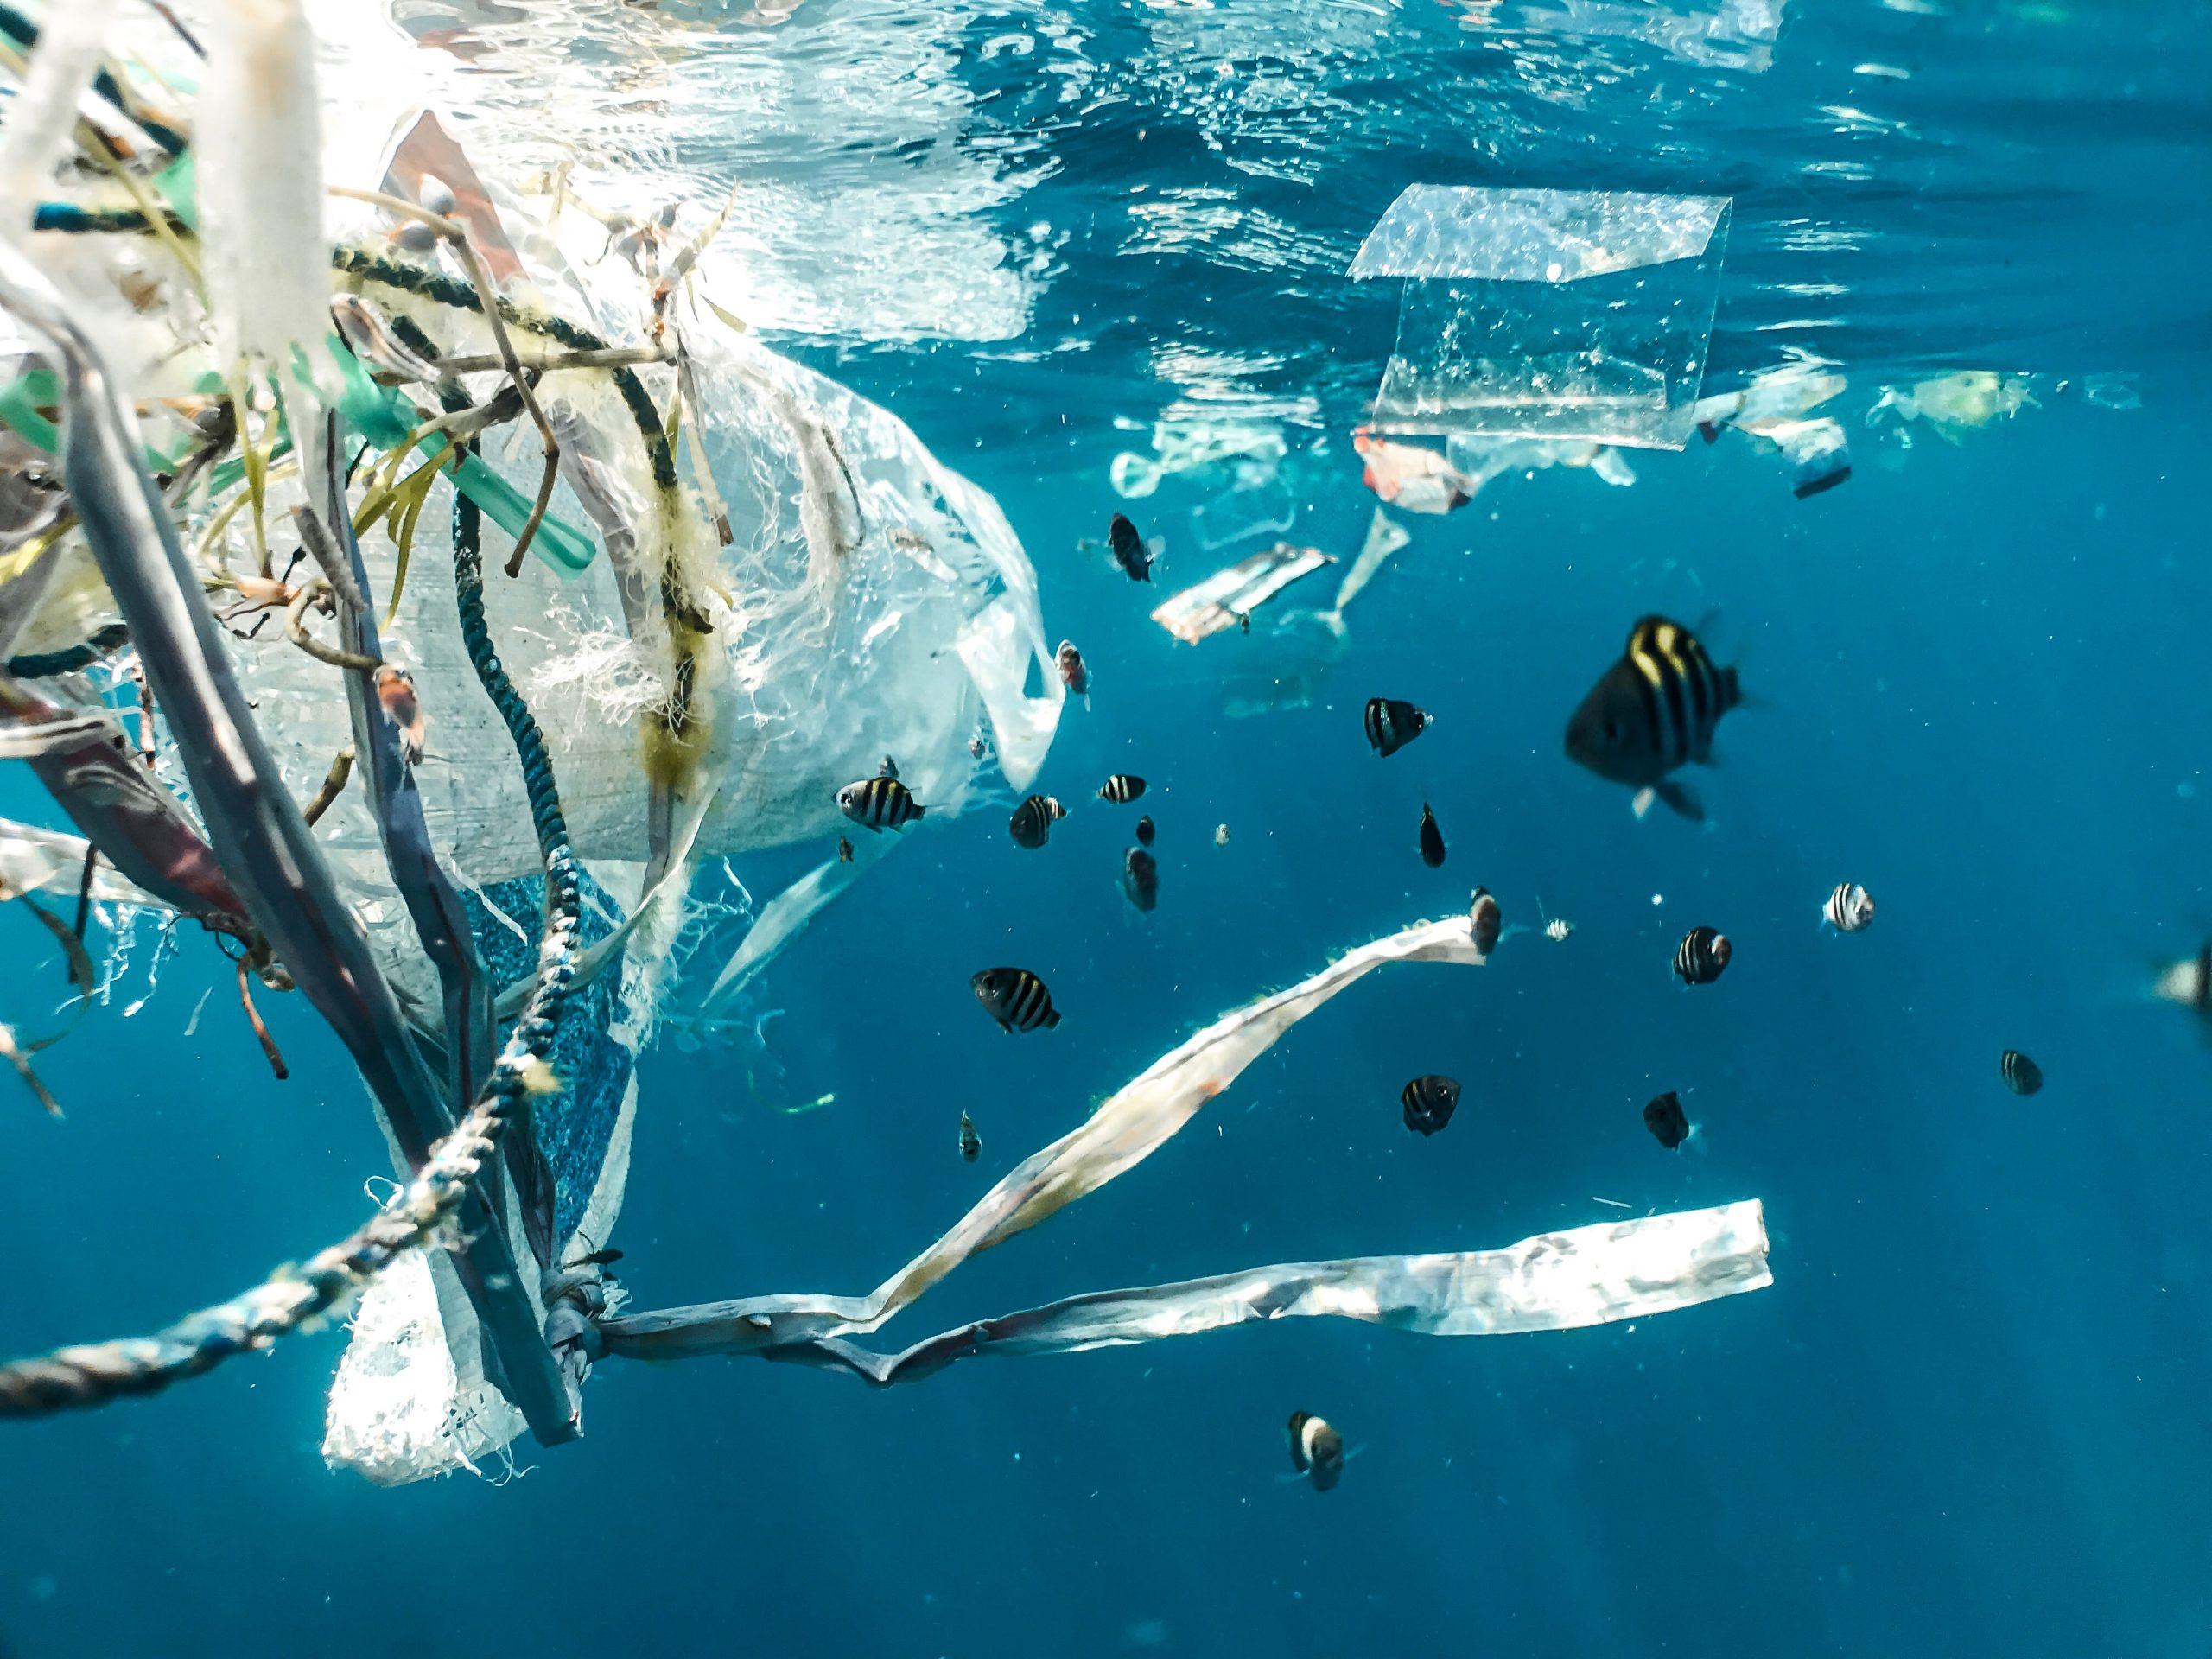 #Batti5: un mare di plastica, la soluzione siamo noi.